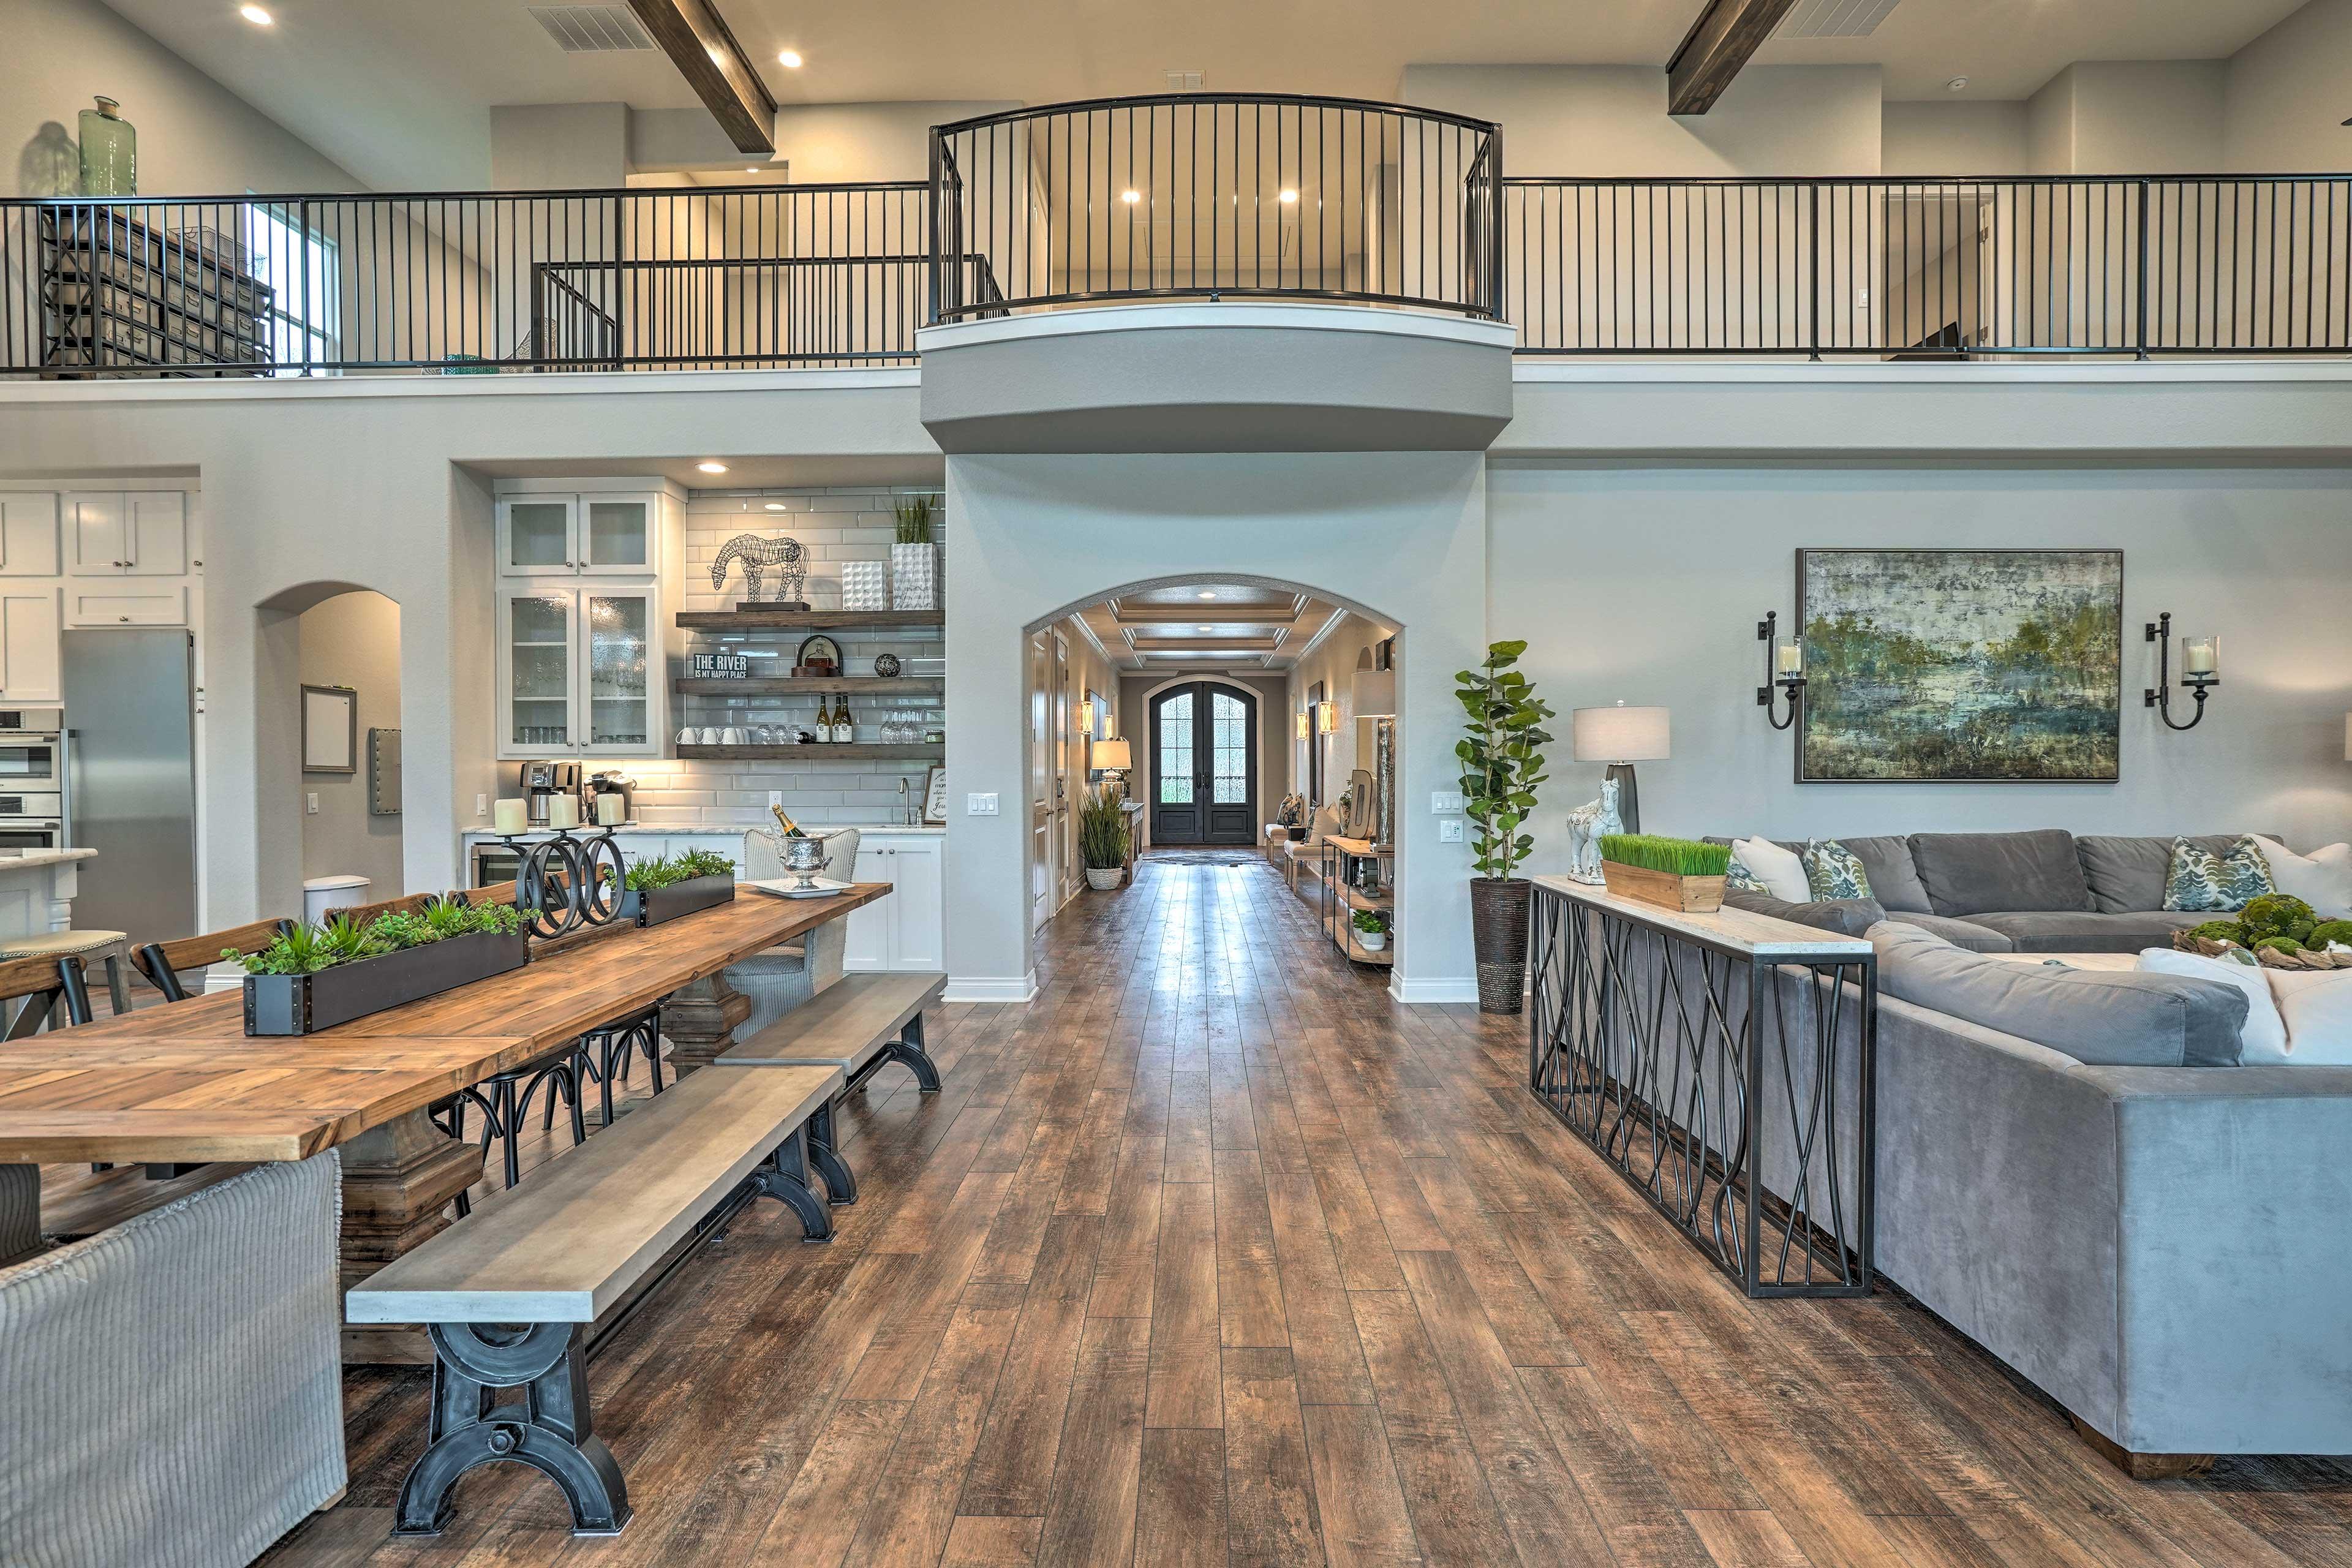 Admire the cool color scheme of the home's impressive interior!